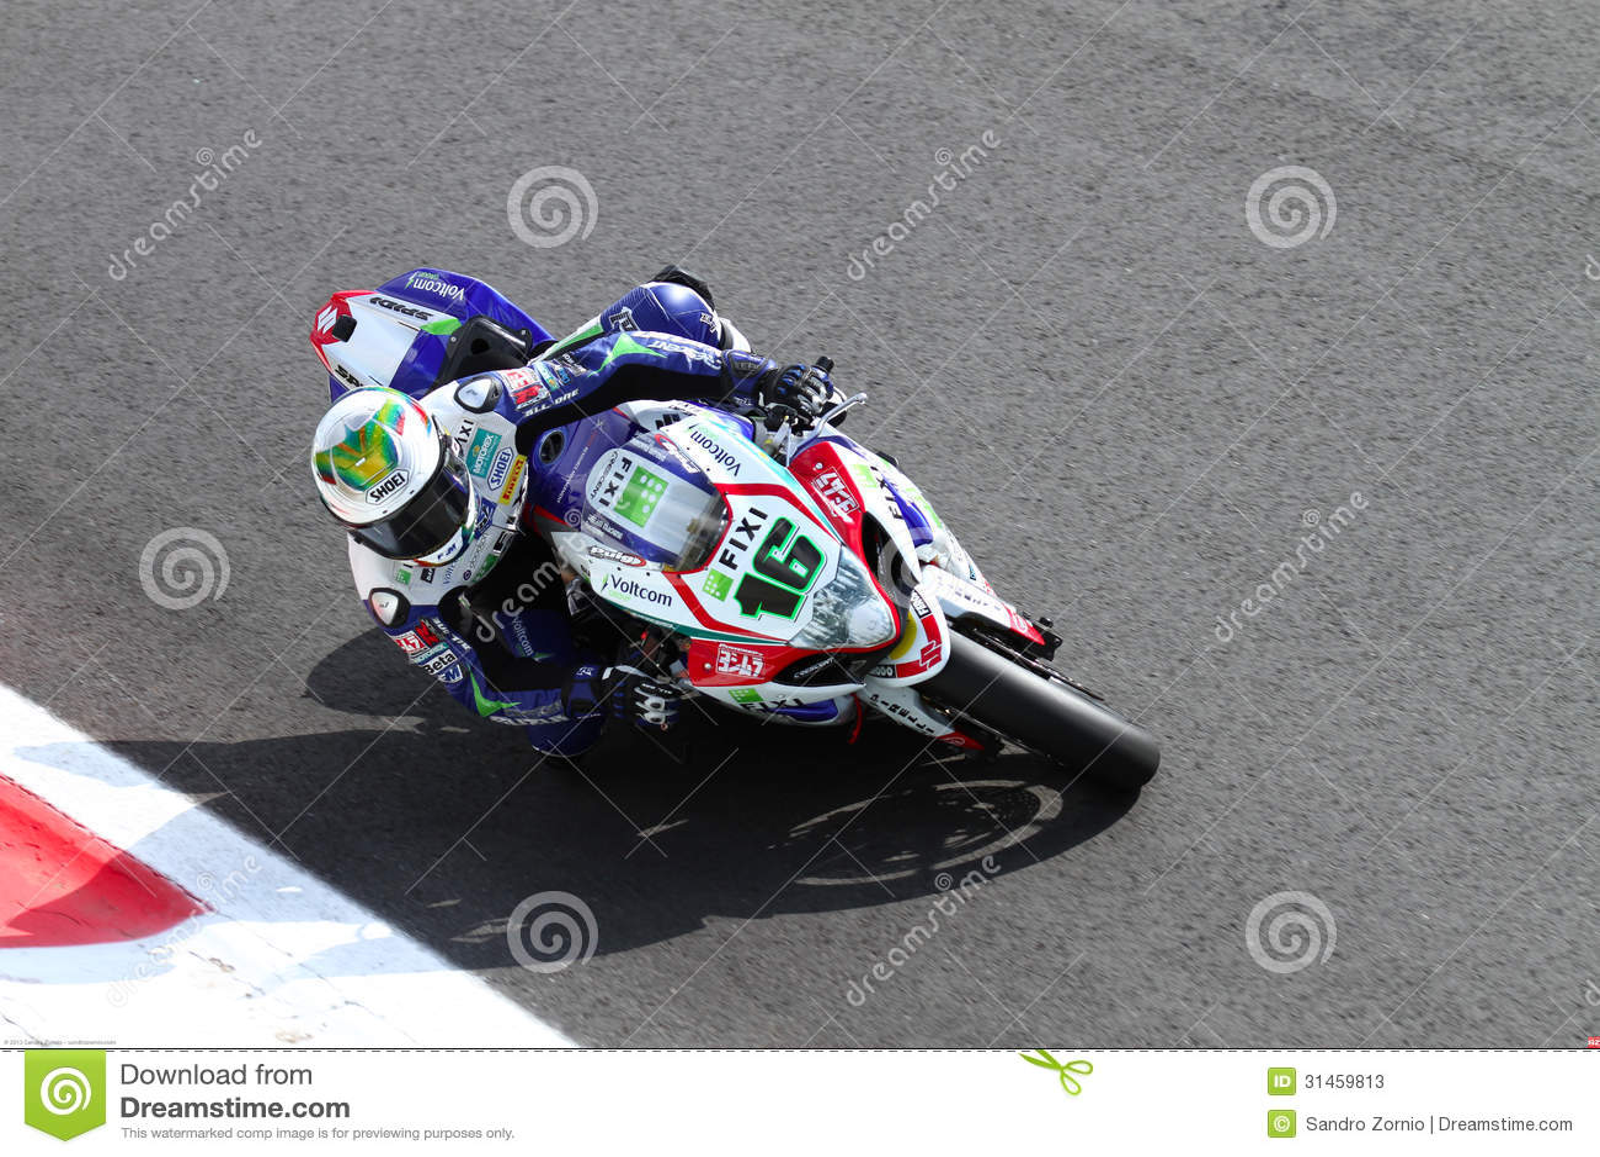 Jules Cluzel #16 on Suzuki GSX-R1000 with Fixi Crescent Suzuki Team Superbike WSBKSuperbike WSBK